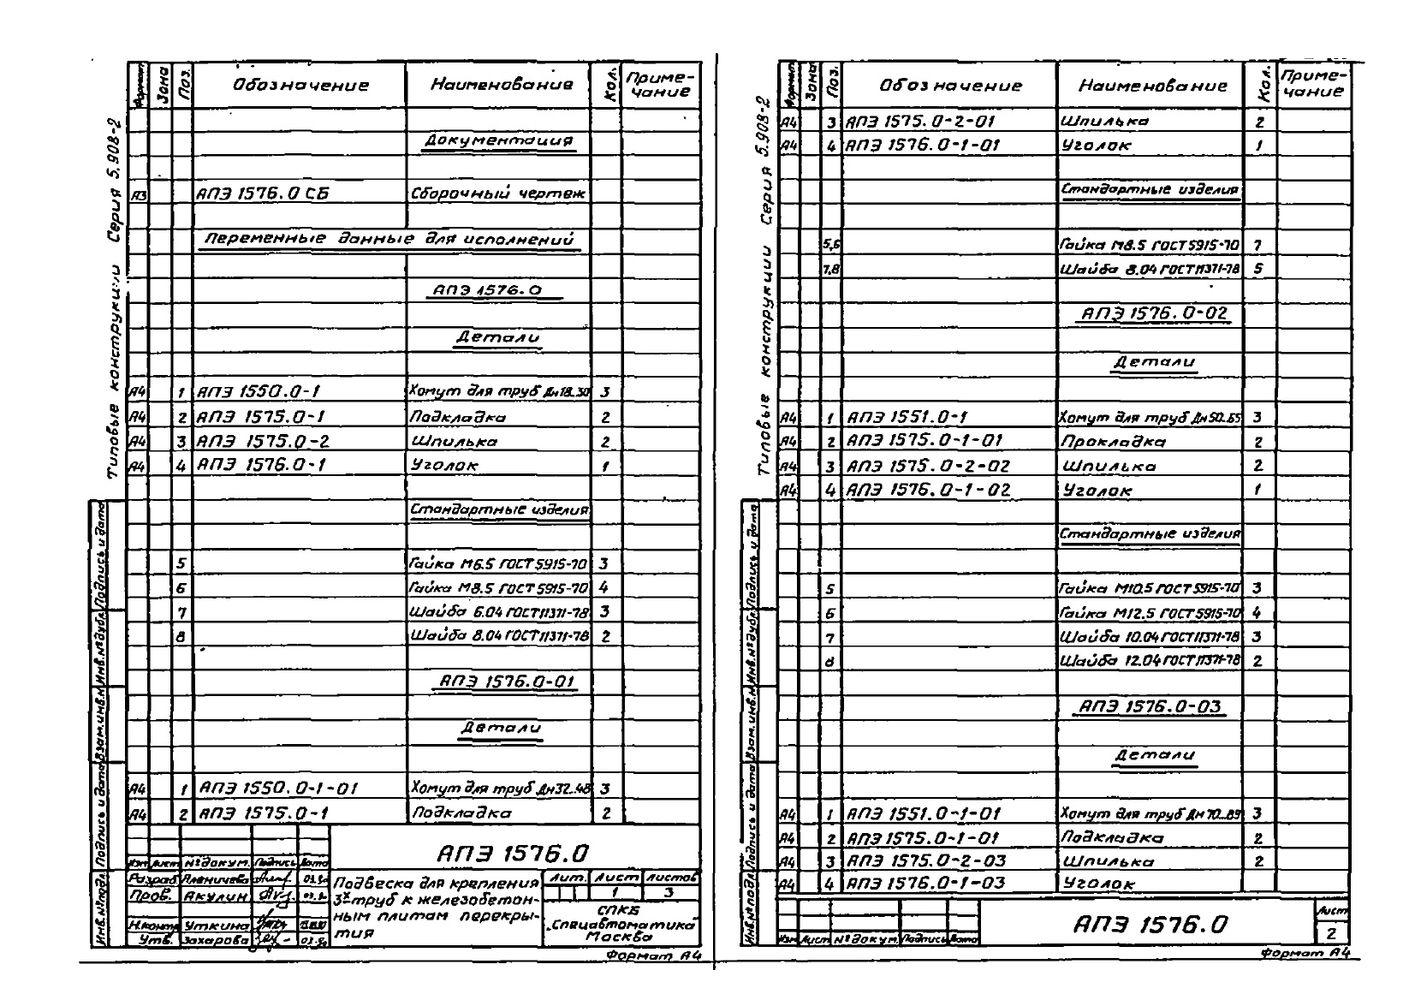 Подвеска АПЭ 1576.0 серия 5.908-2 стр.2